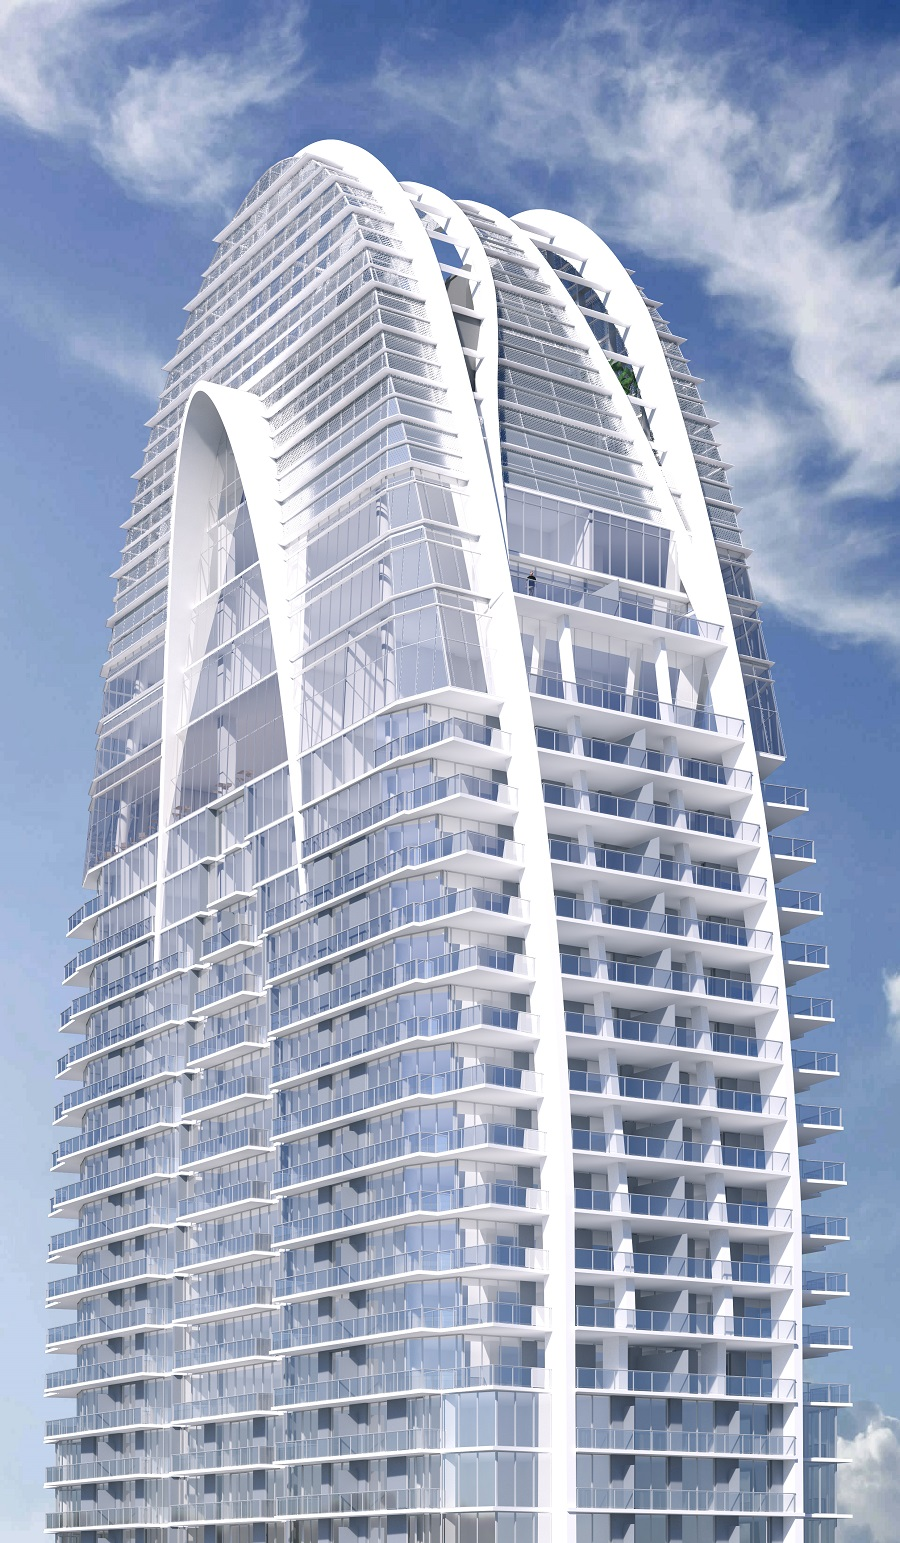 Condo Hotel Property Alert, Okan Tower Miami, New Hilton